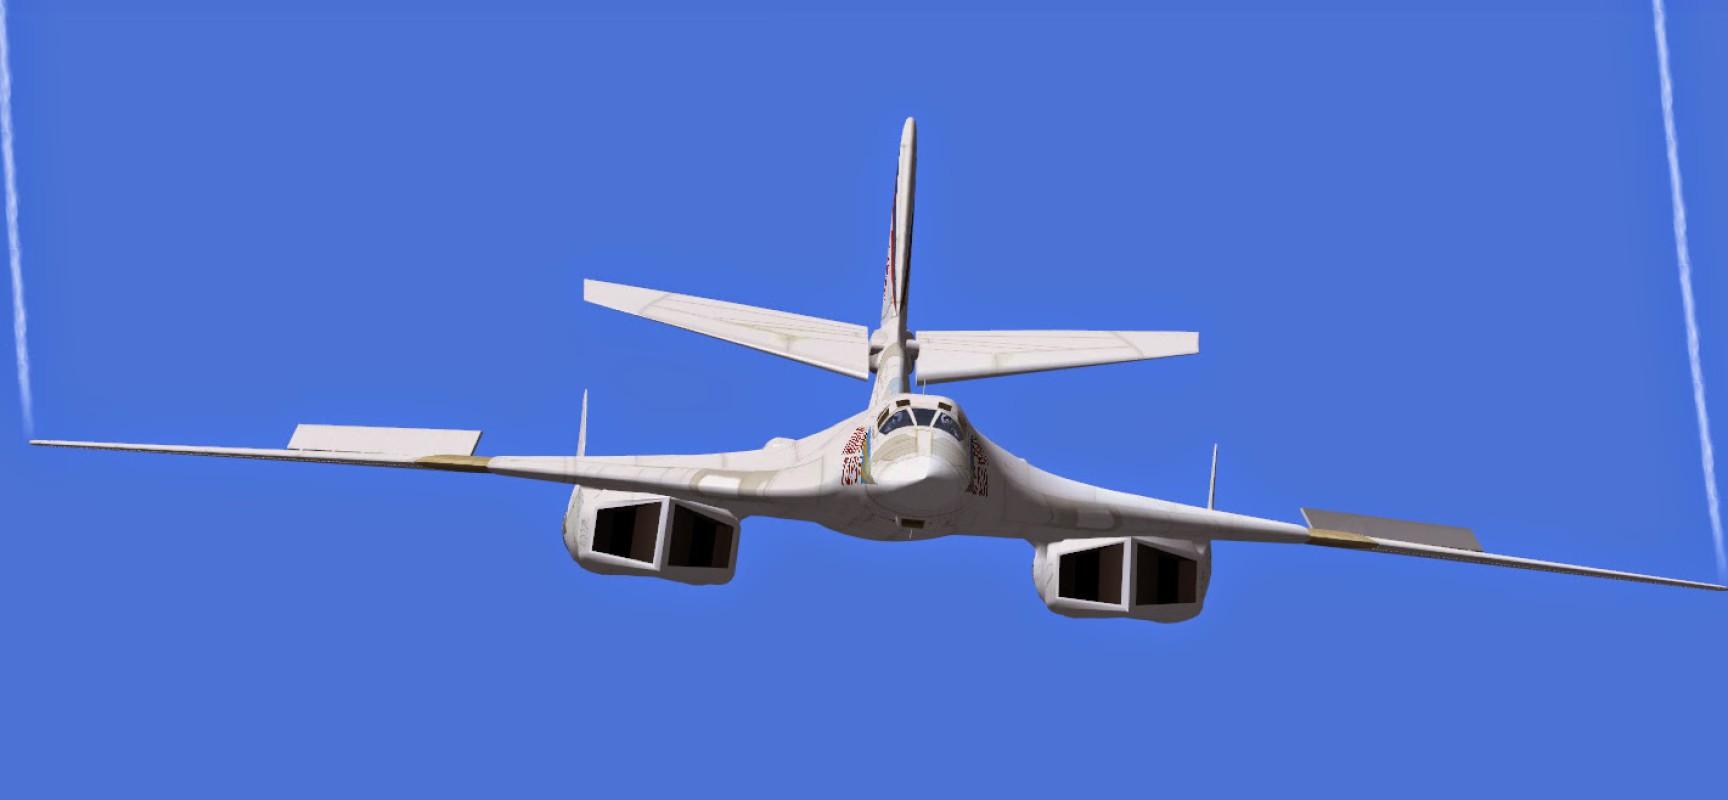 La Russie a dû reprendre la production des bombardiers stratégiques TU-160